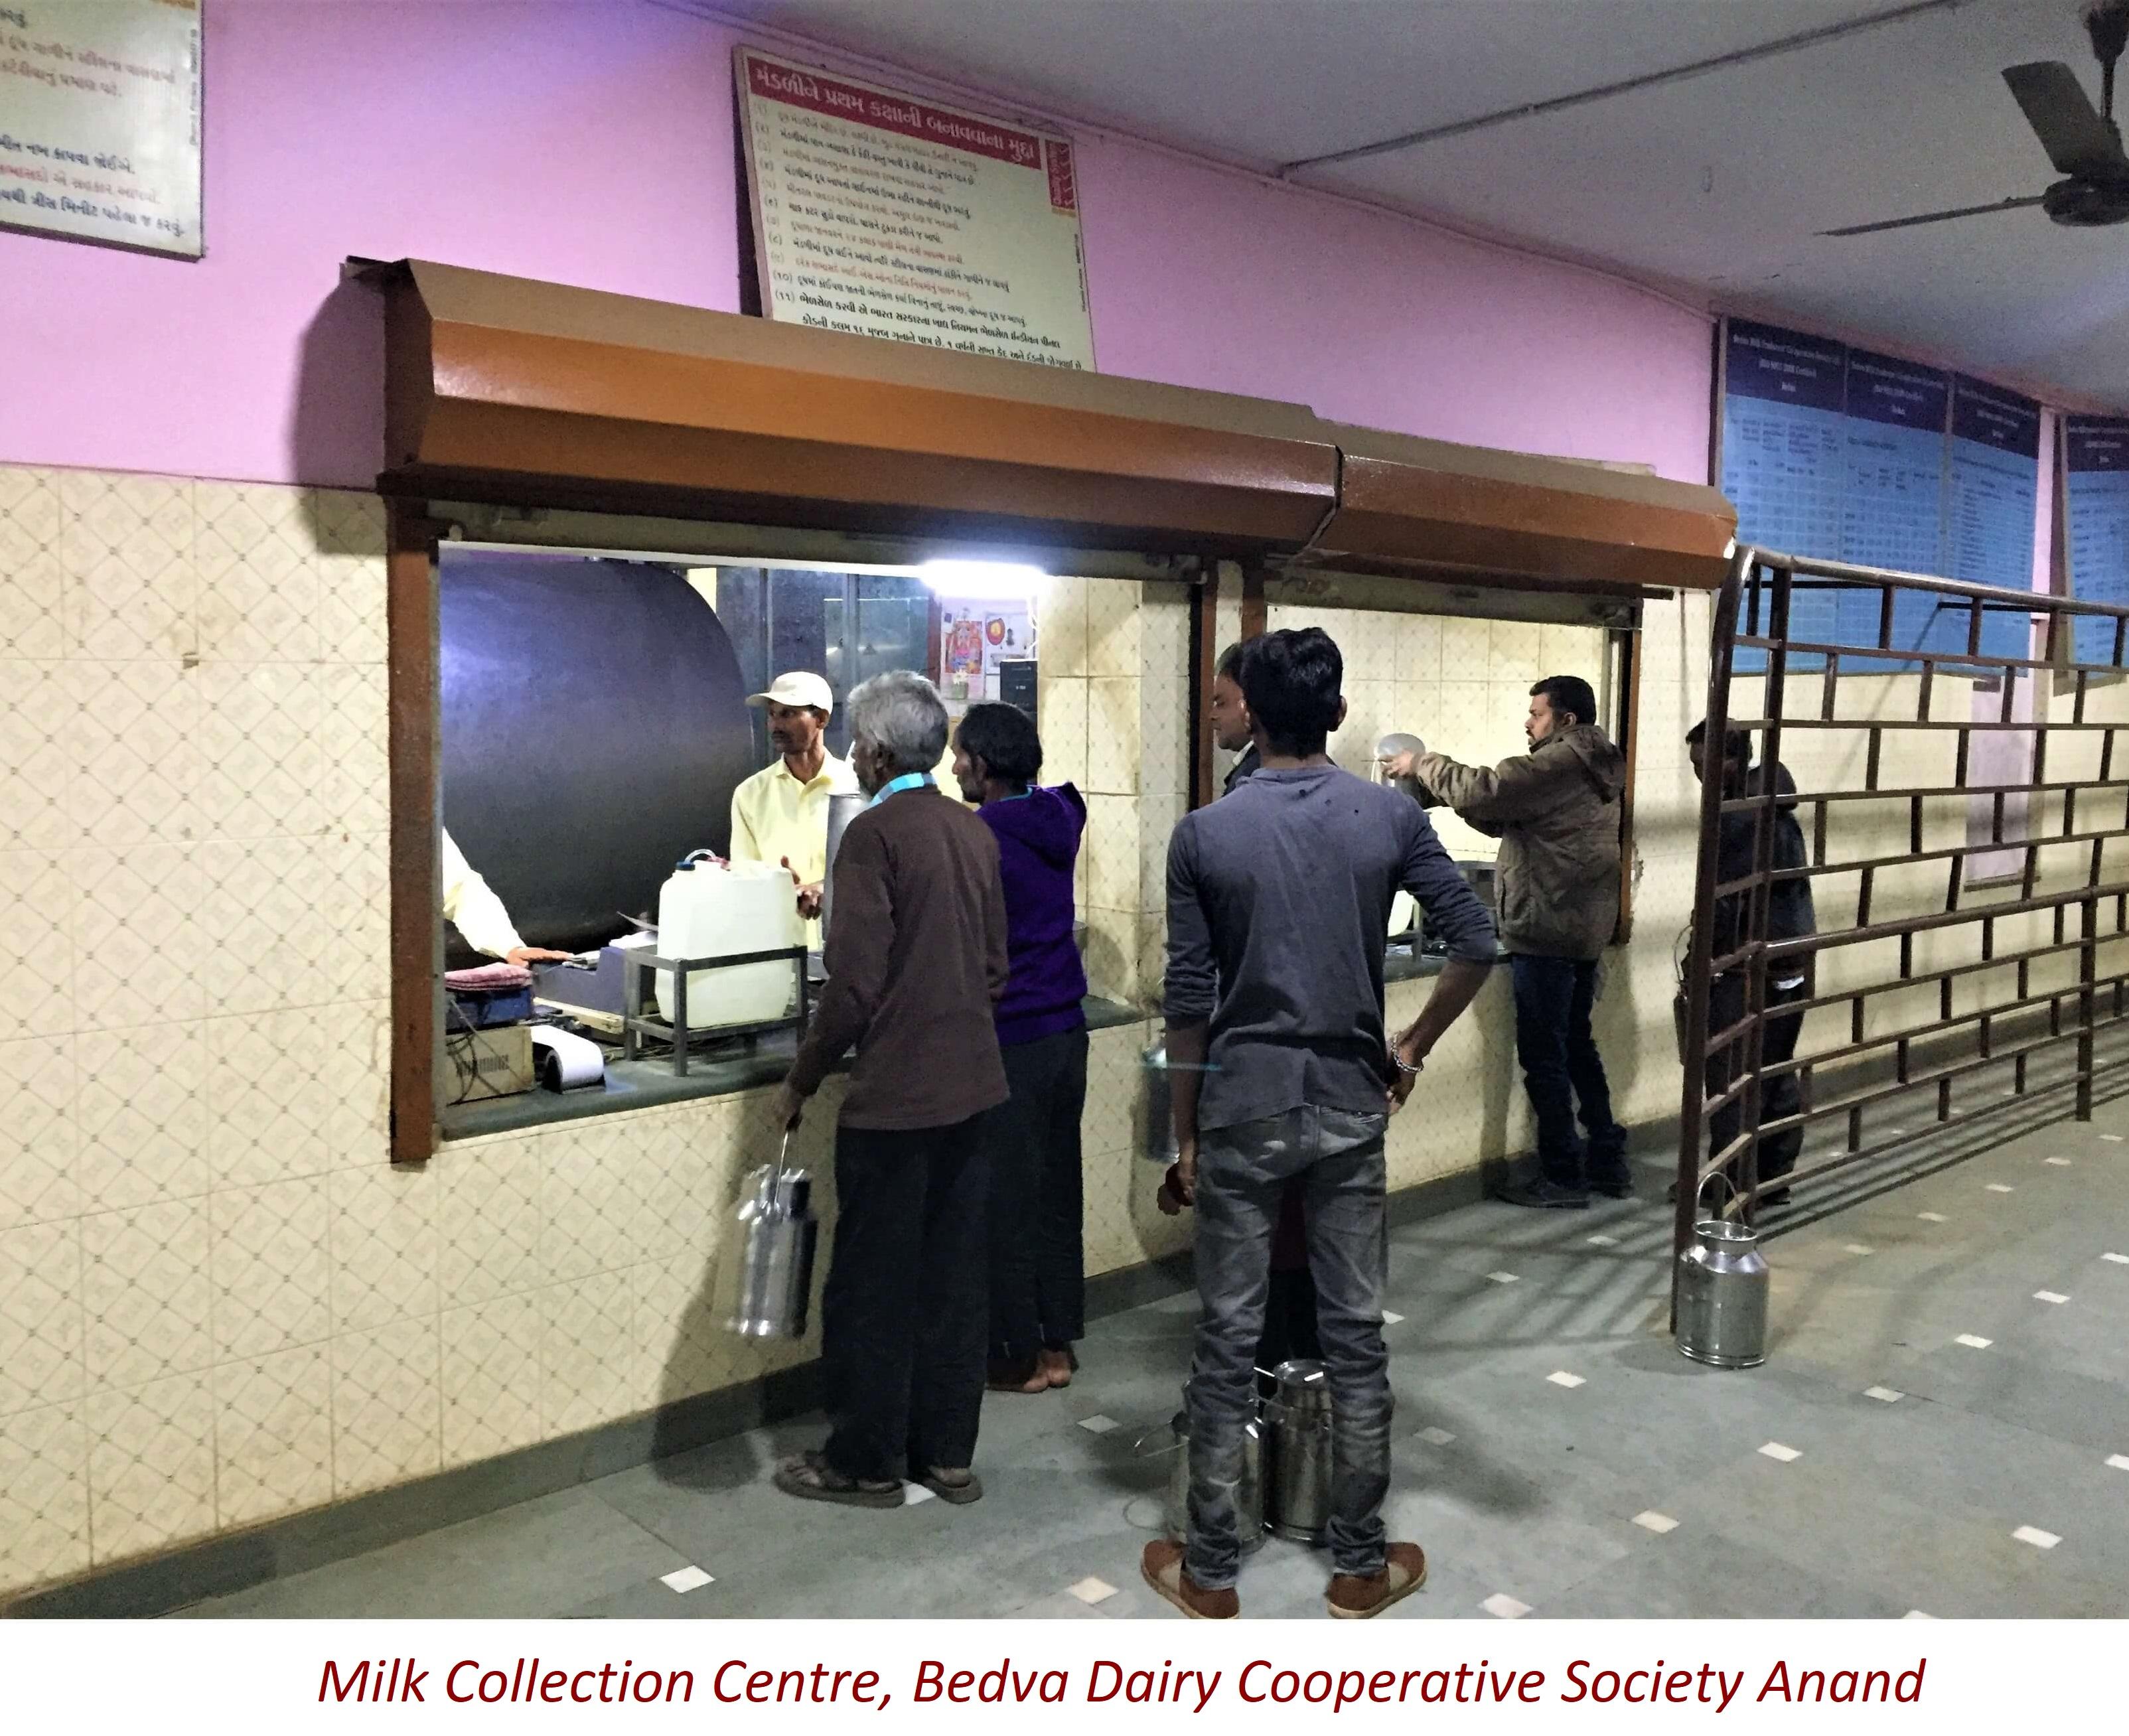 Bedva DCS_Milk Collection Centre_Anand (1)